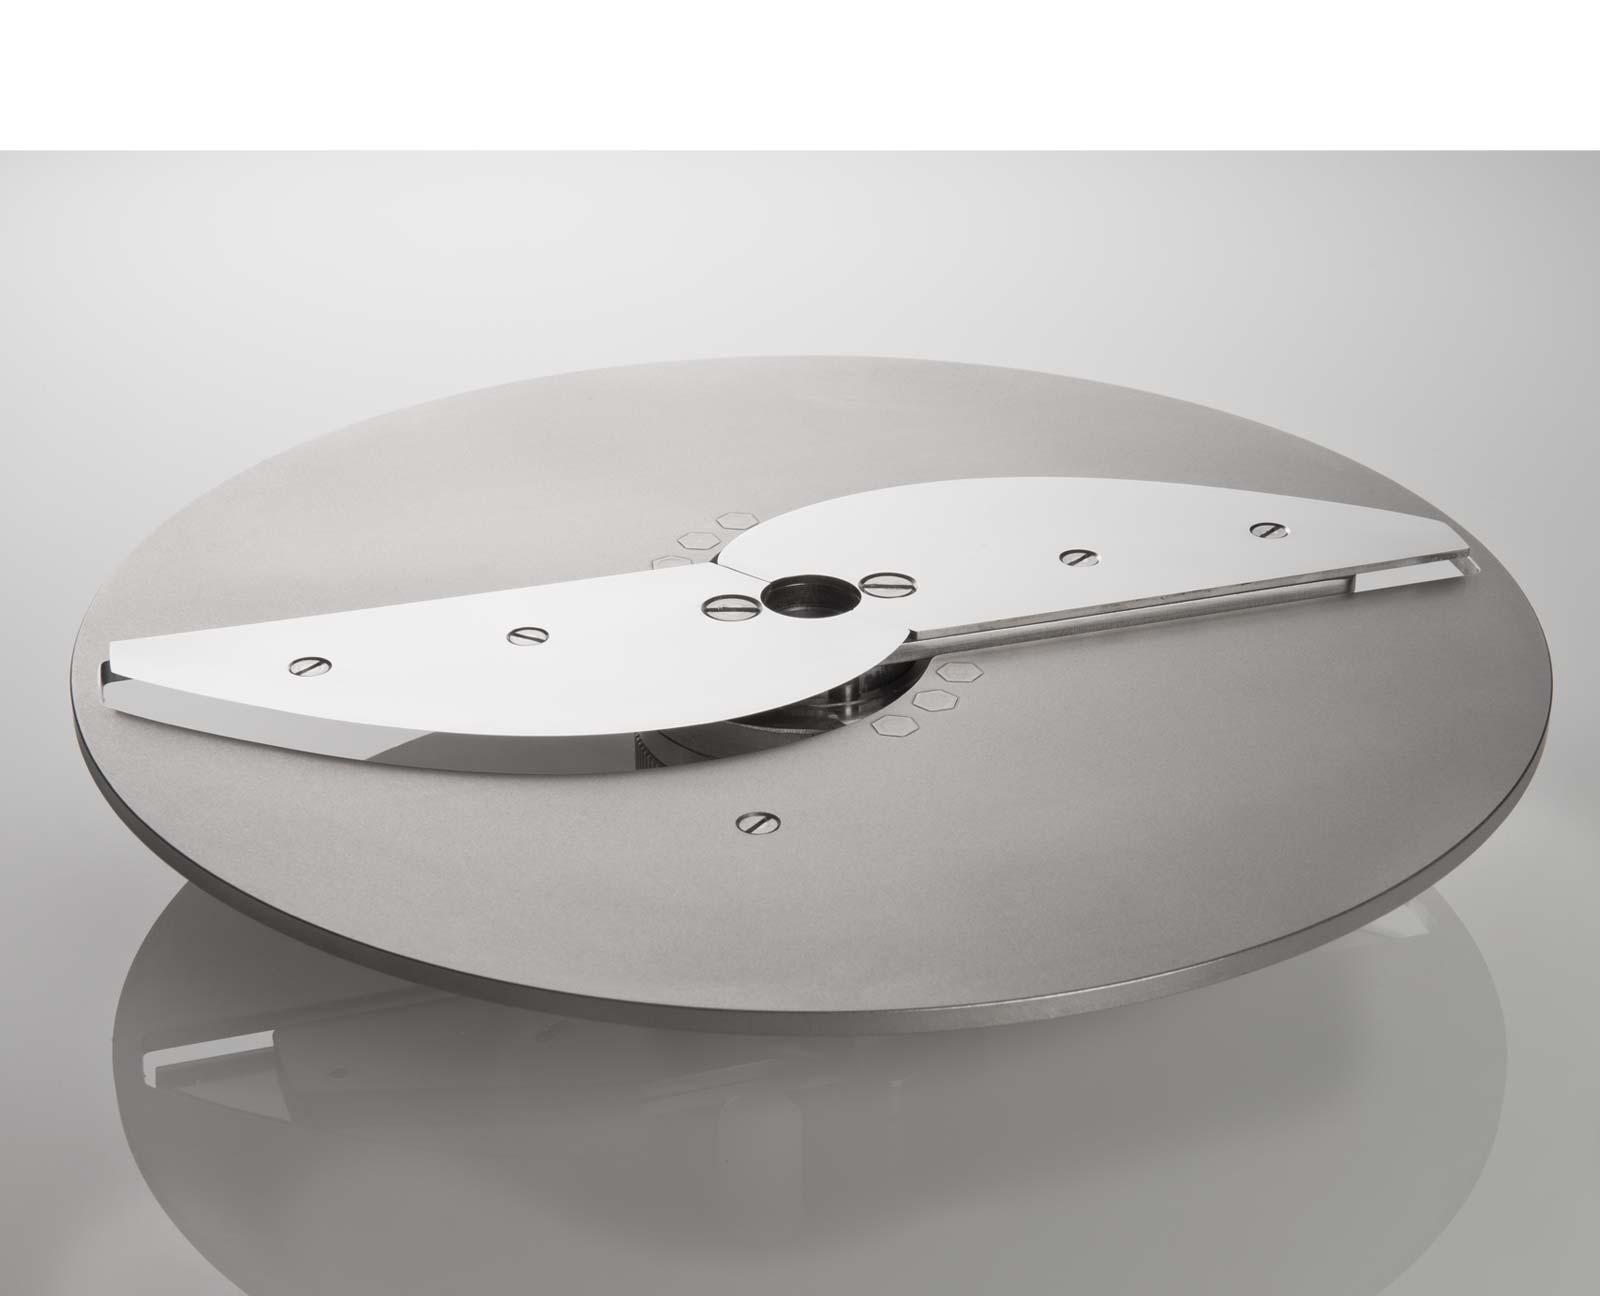 Verstellbare Messerscheibe für die Feuma HU Multifunktions-Küchenmaschine